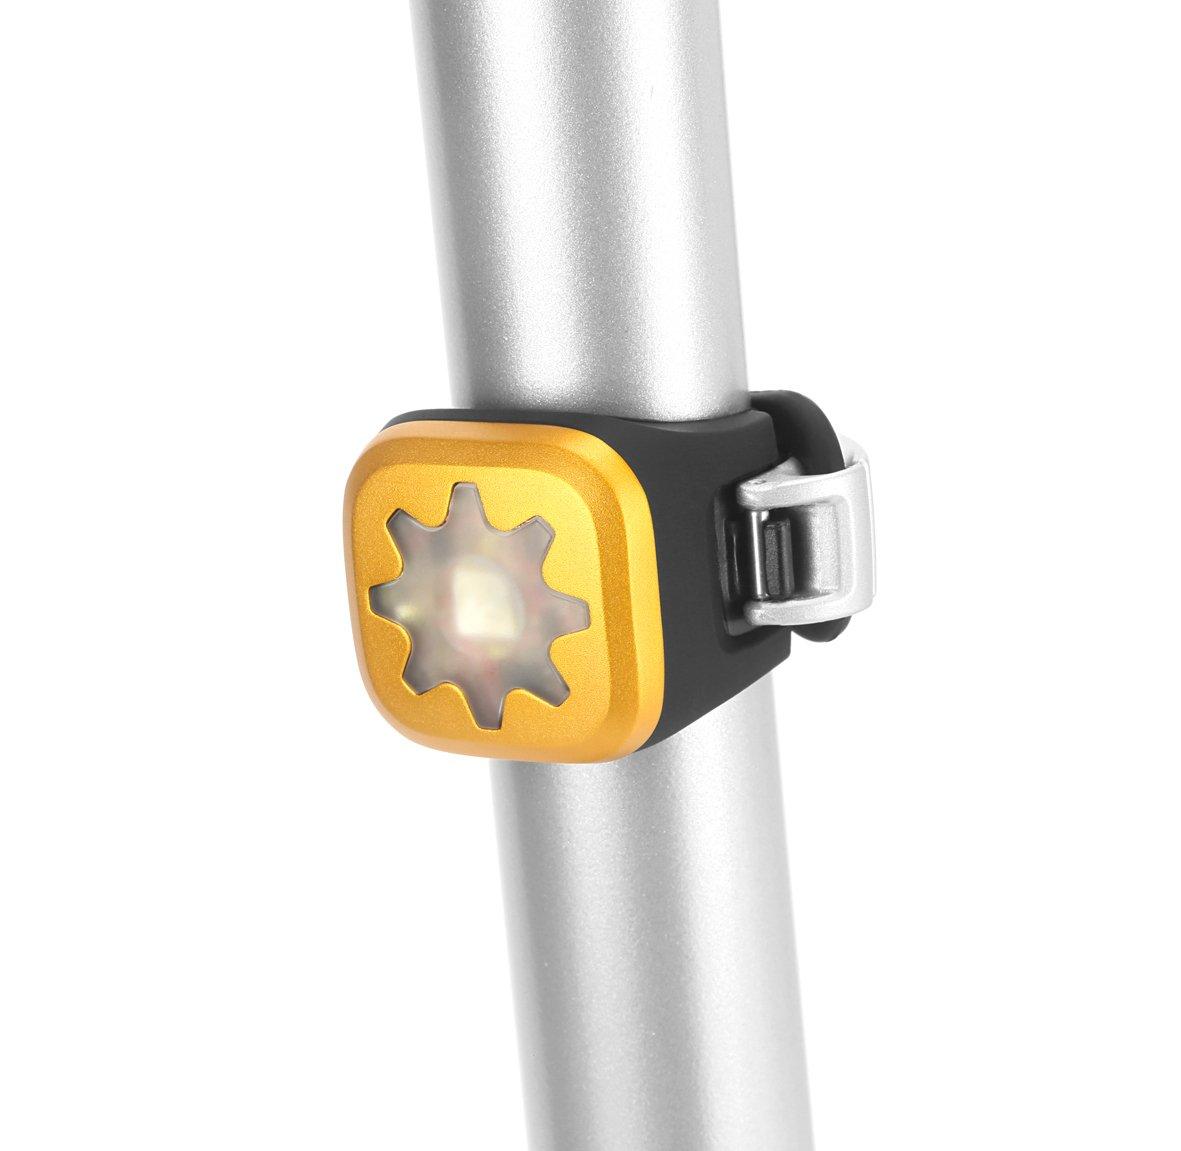 Knog Lampe Blinder 1 rote LED Licht, Cog